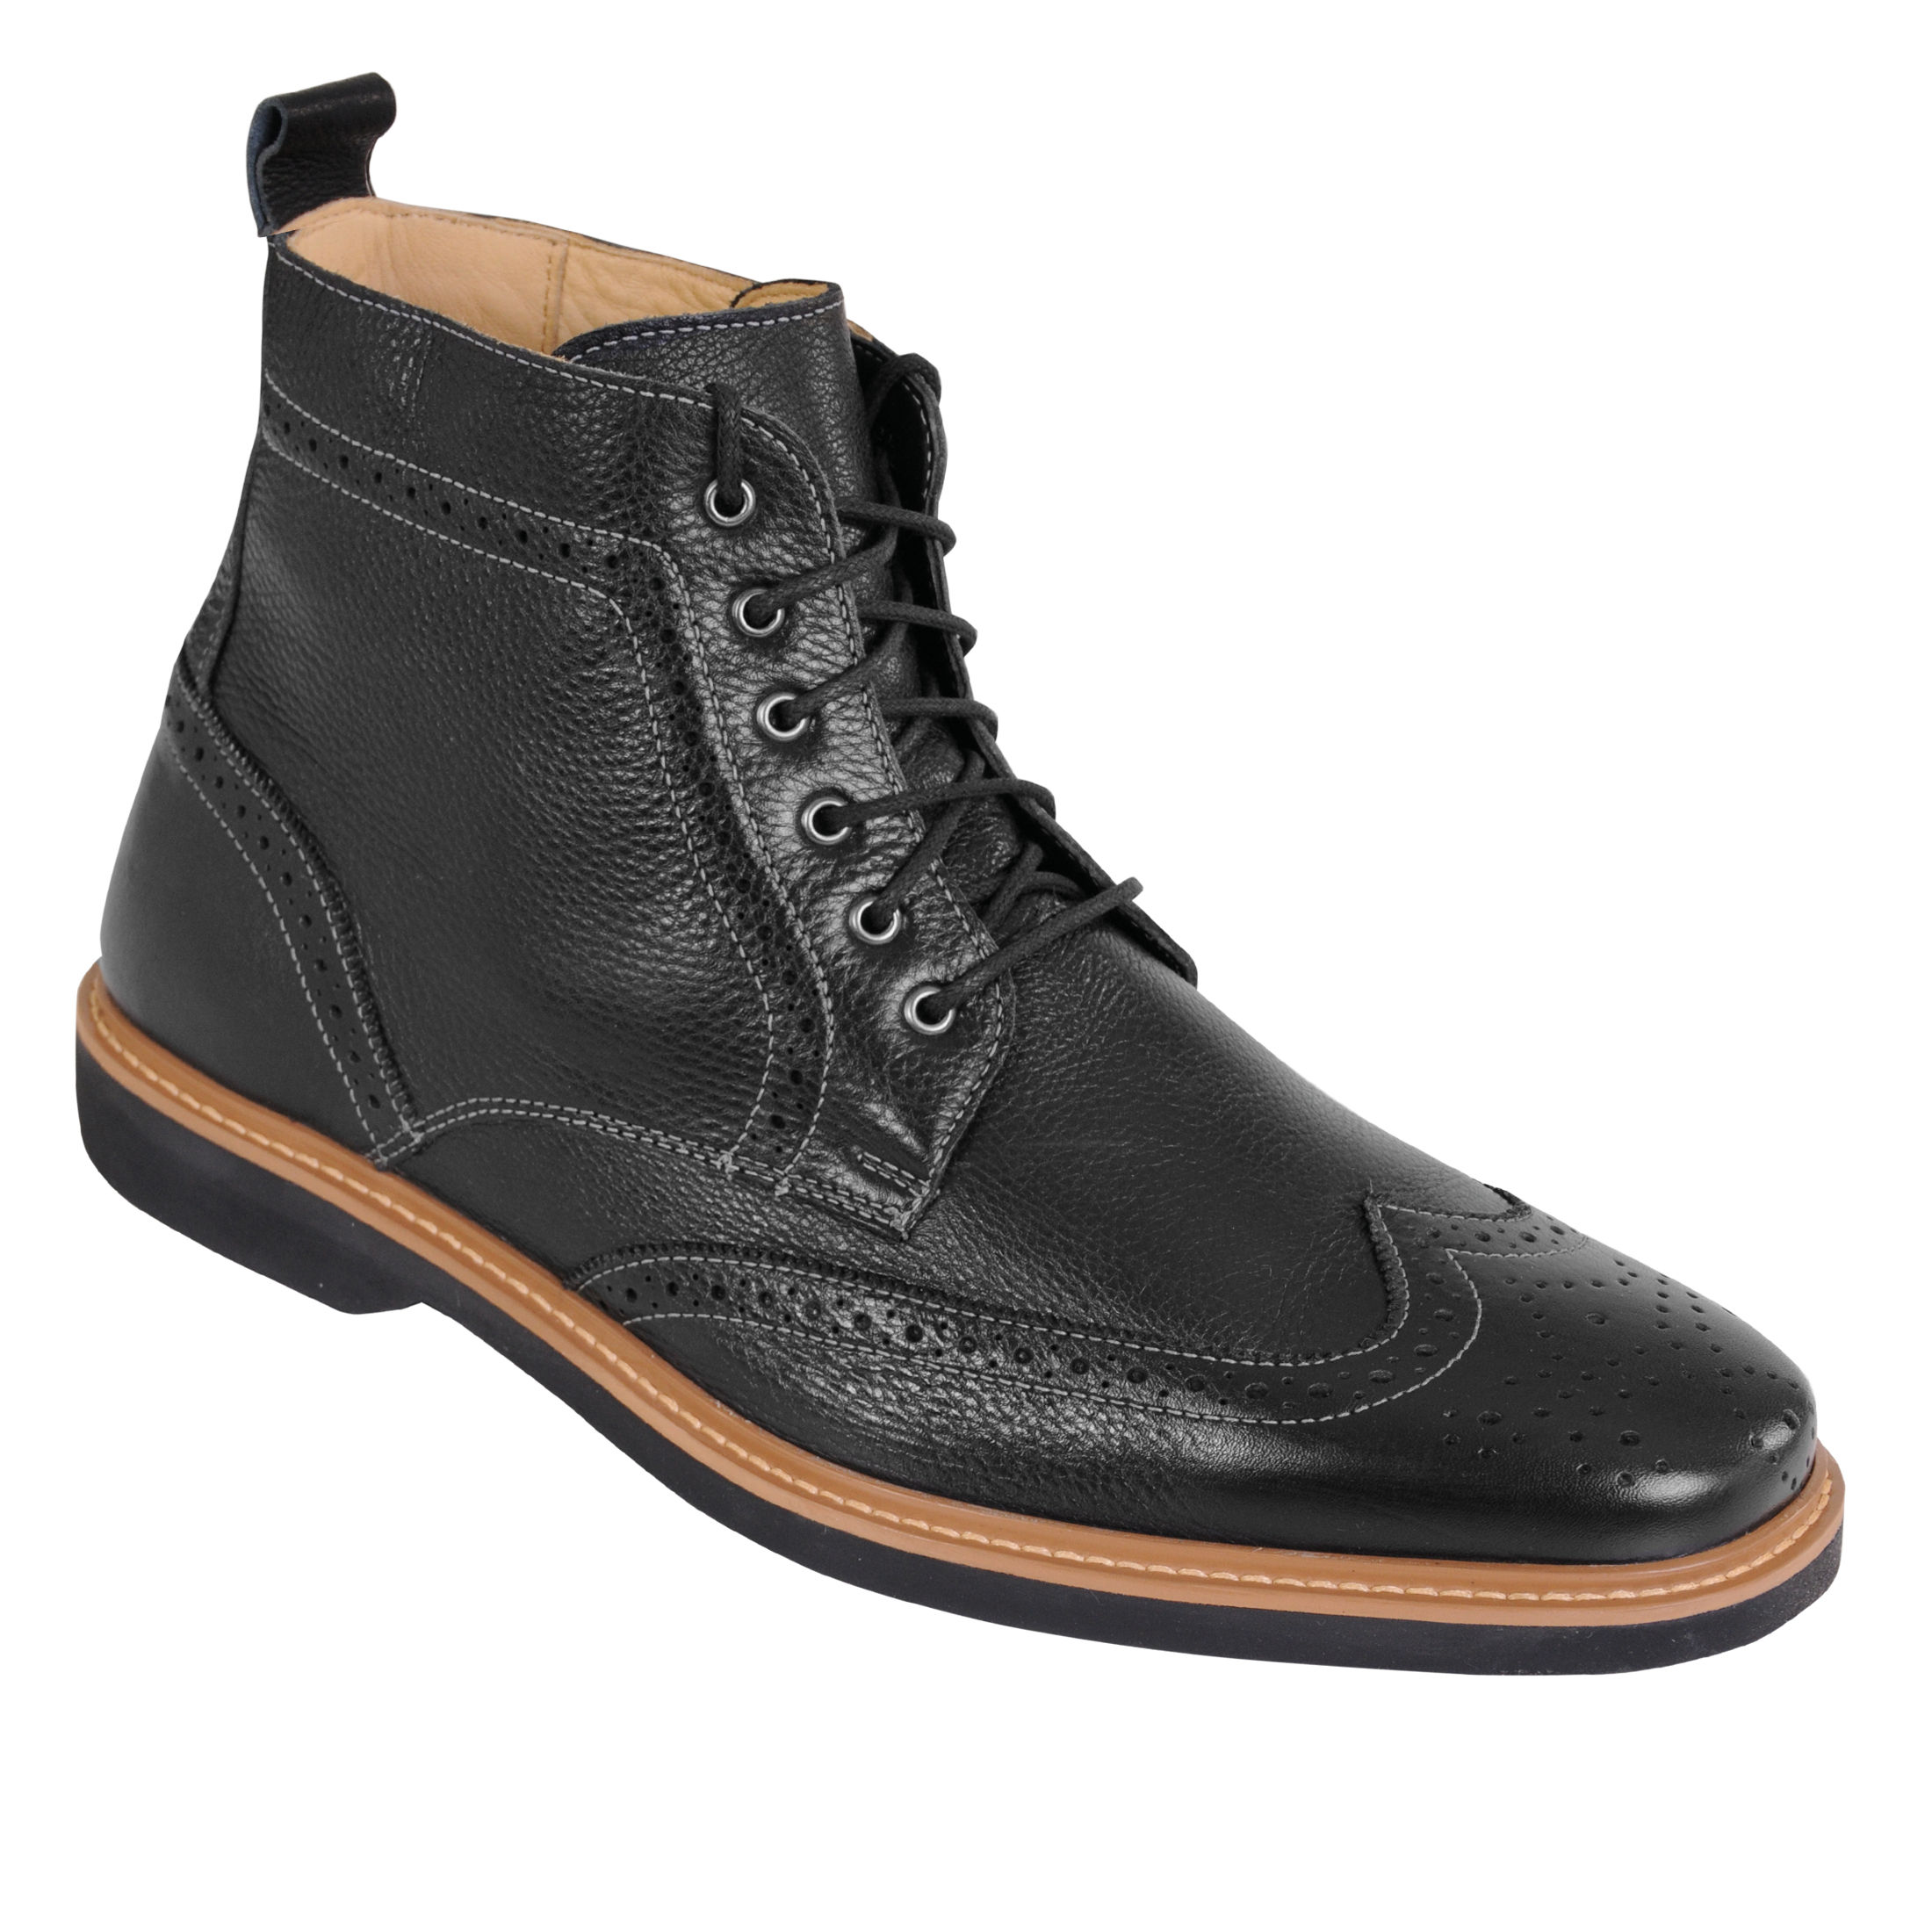 Stiefel NOVA schwarz Gr. 40 40 40 - (NOVA 575774 FLOATER-BLACK GR40)<br /> 76ab6d